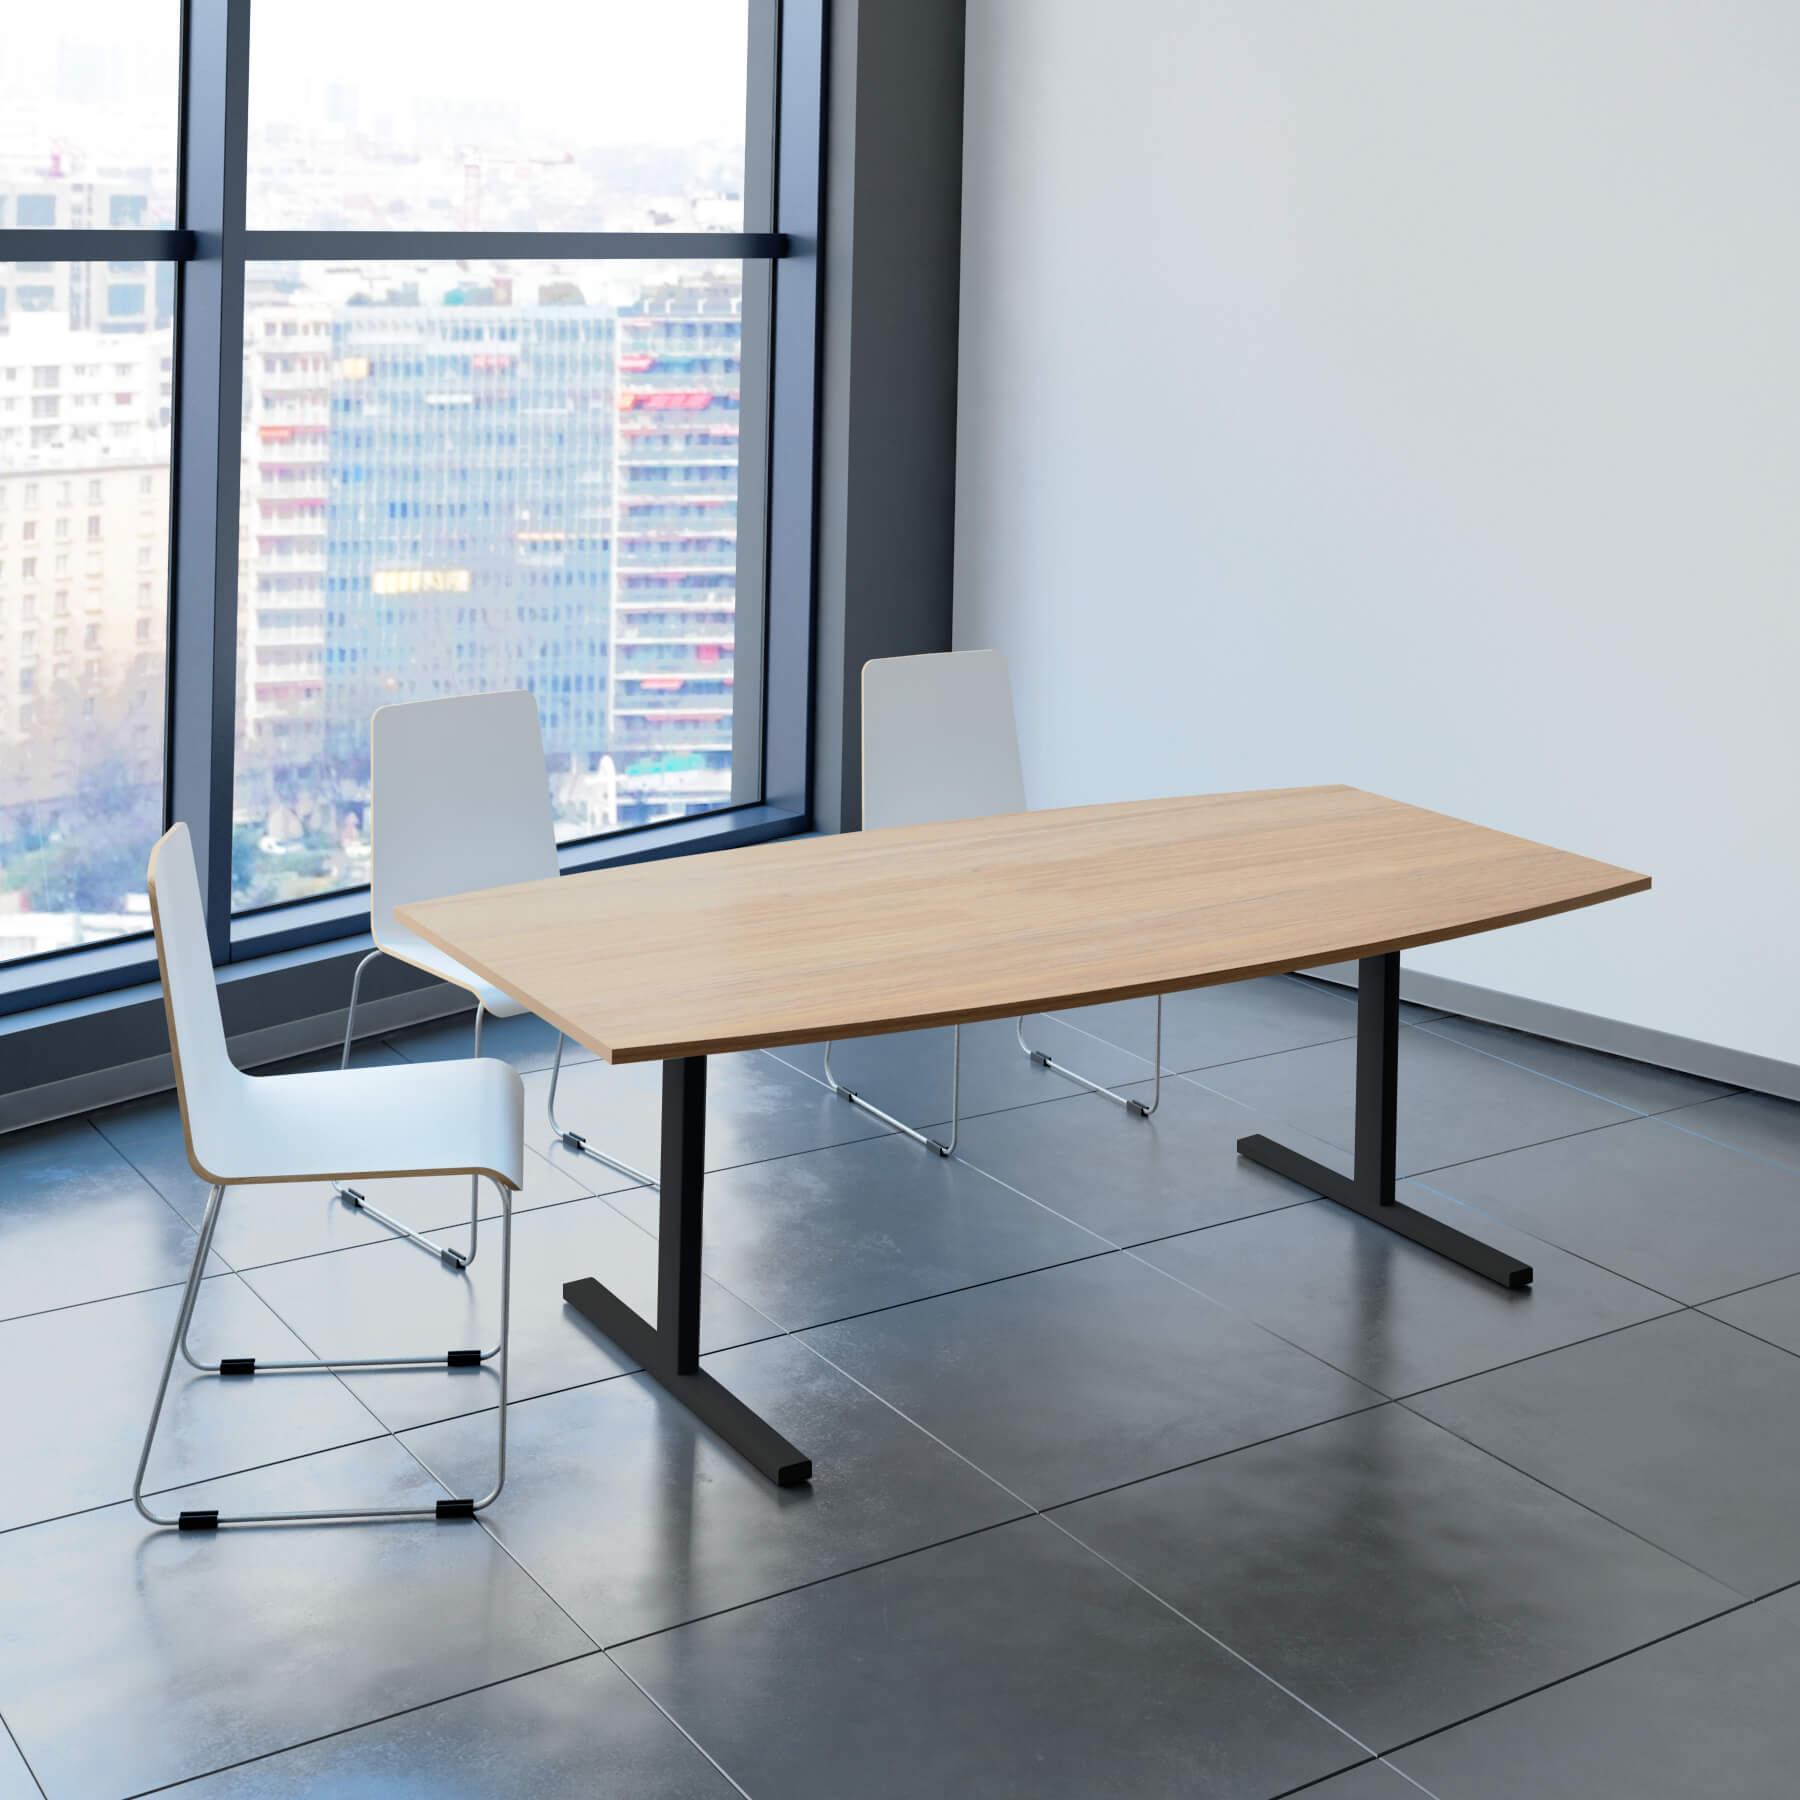 EASY Konferenztisch Bootsform 200x100 cm Weiß Besprechungstisch Tisch